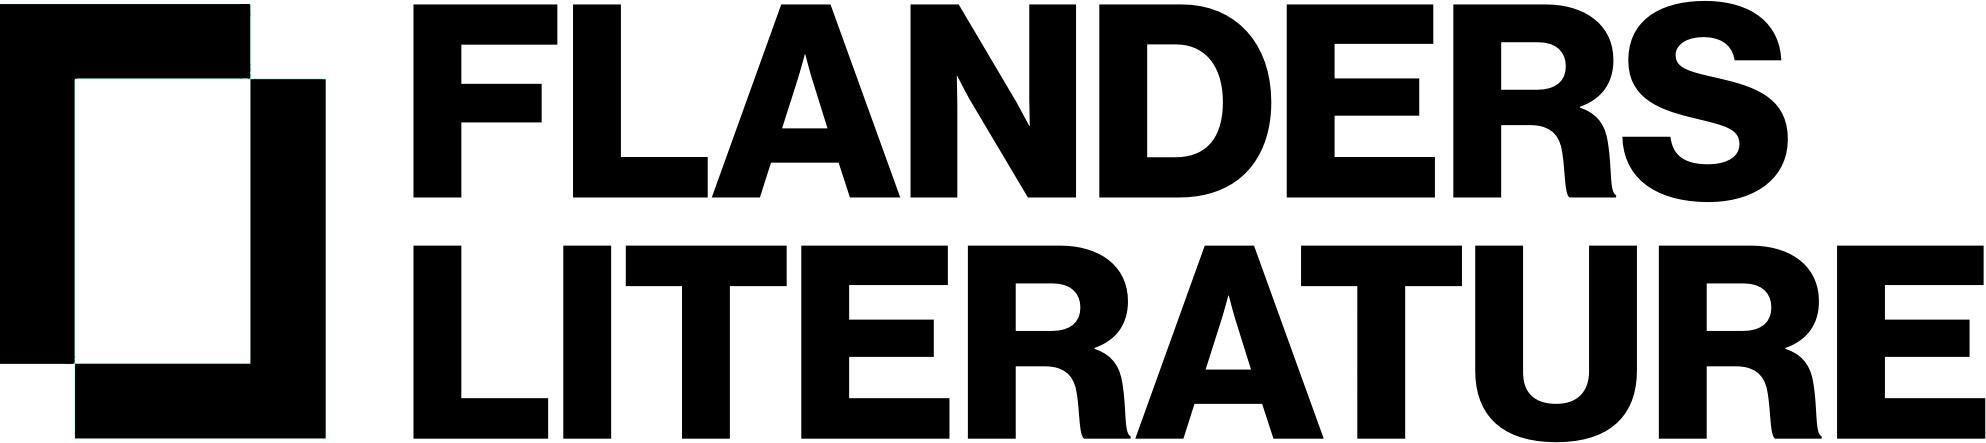 Flanders-Literature-logo